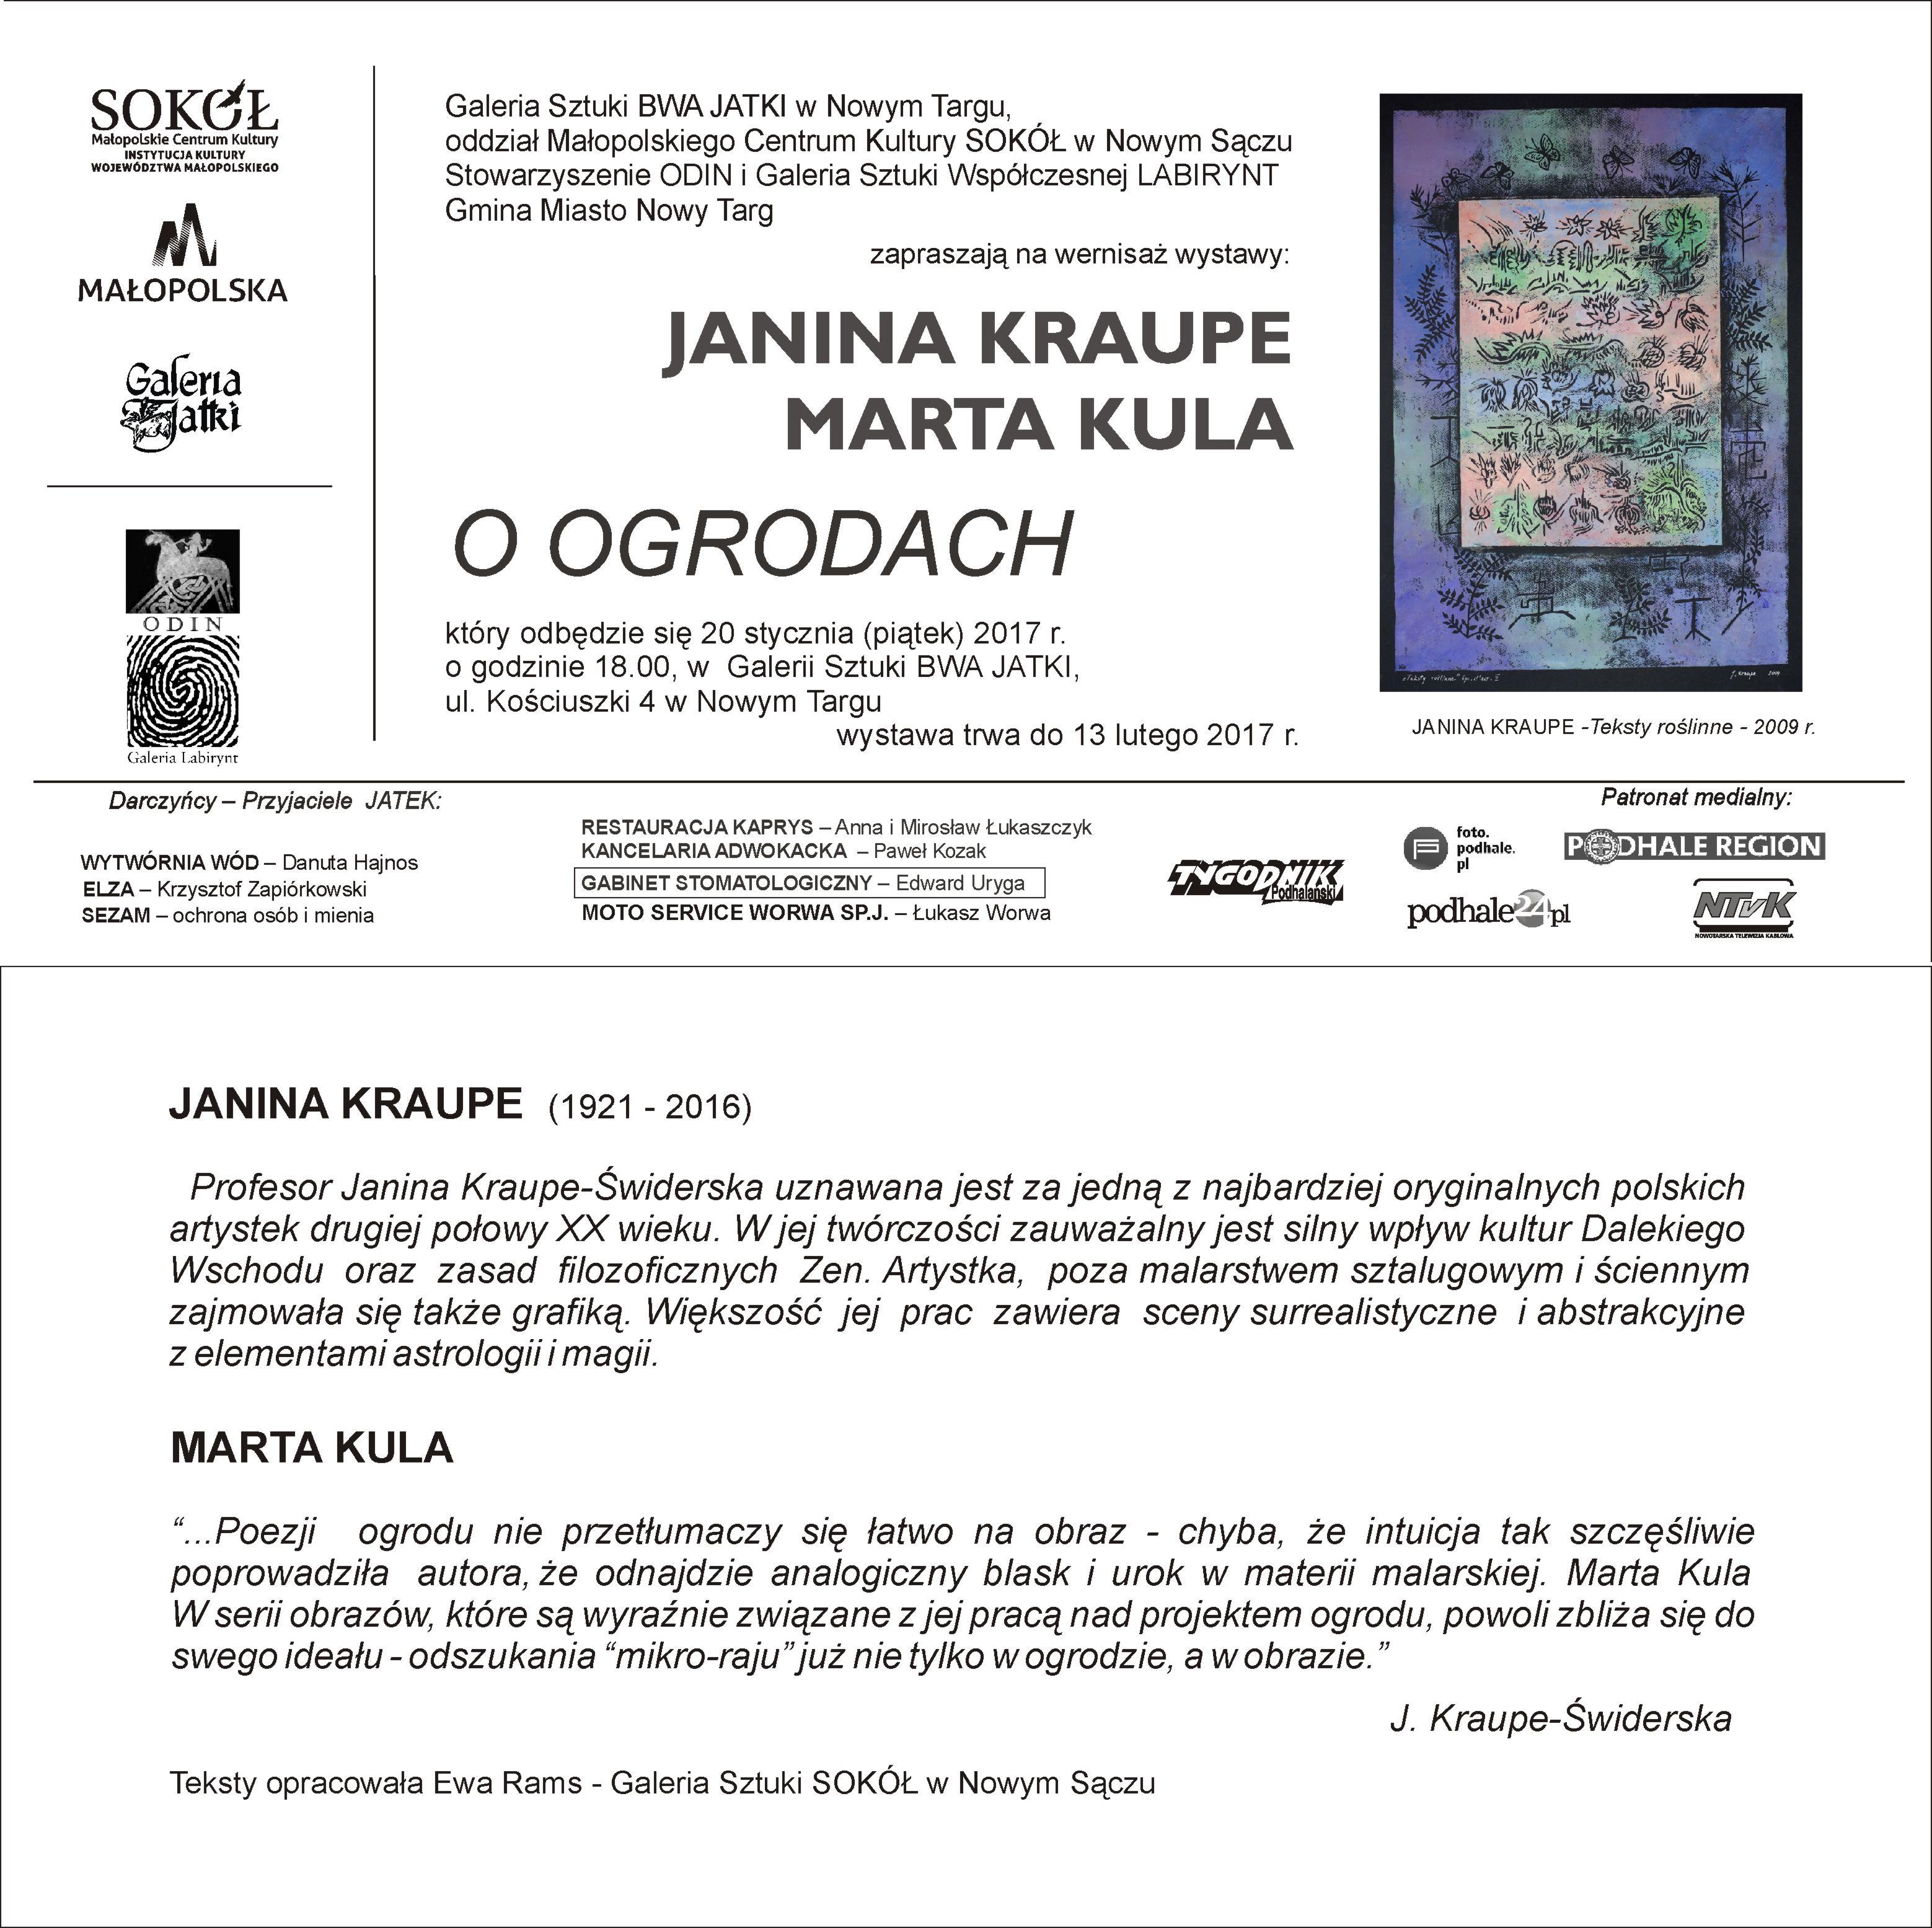 Grafika udostępniona przez: Galerię Sztuki BWA JATKI w Nowym Targu